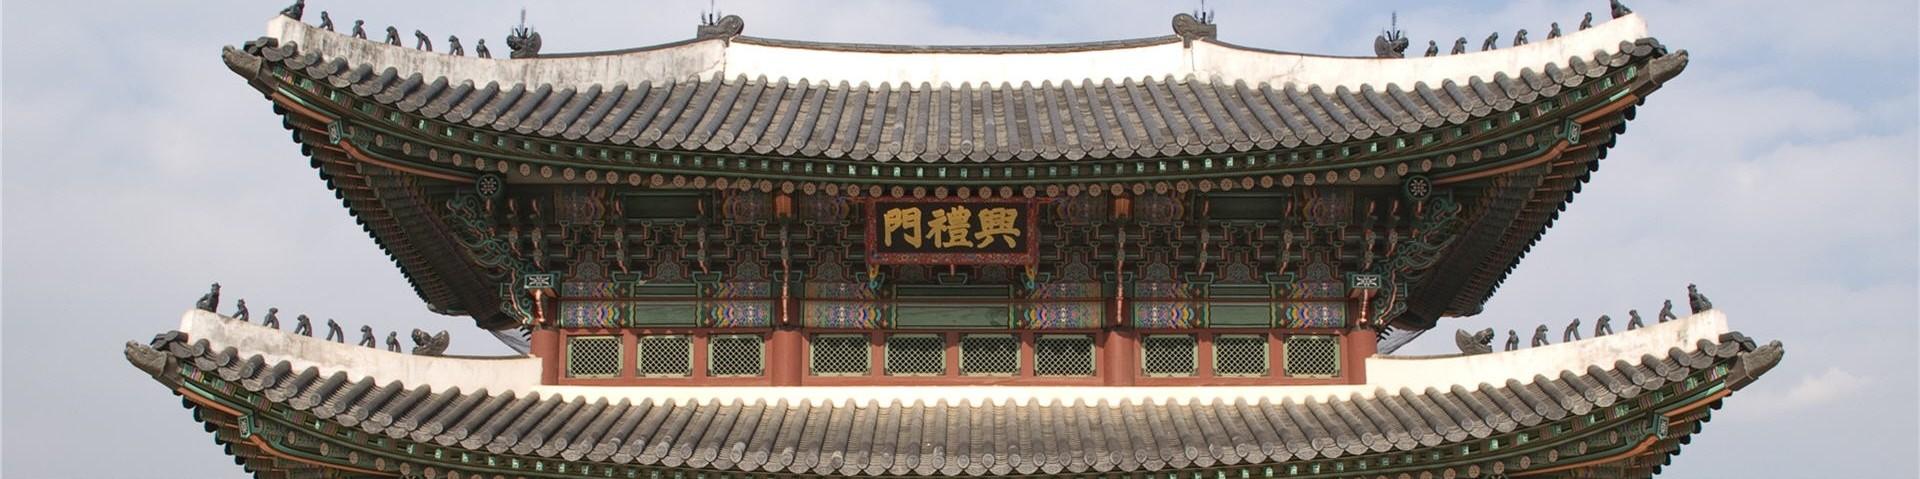 ทัศนศึกษาท่องเที่ยวในจีน